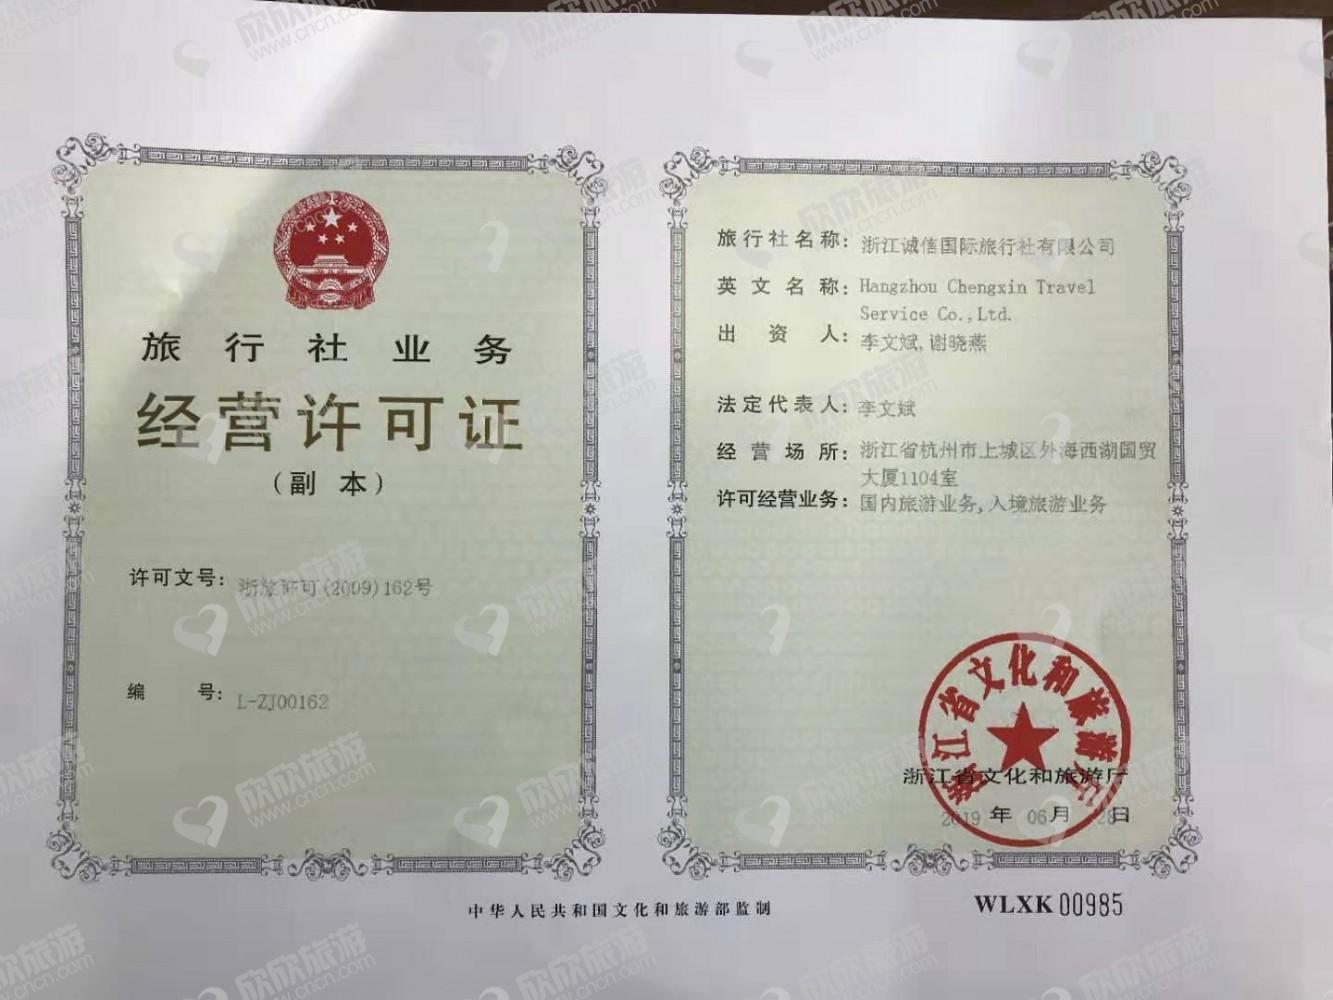 浙江诚信国际旅行社有限公司经营许可证